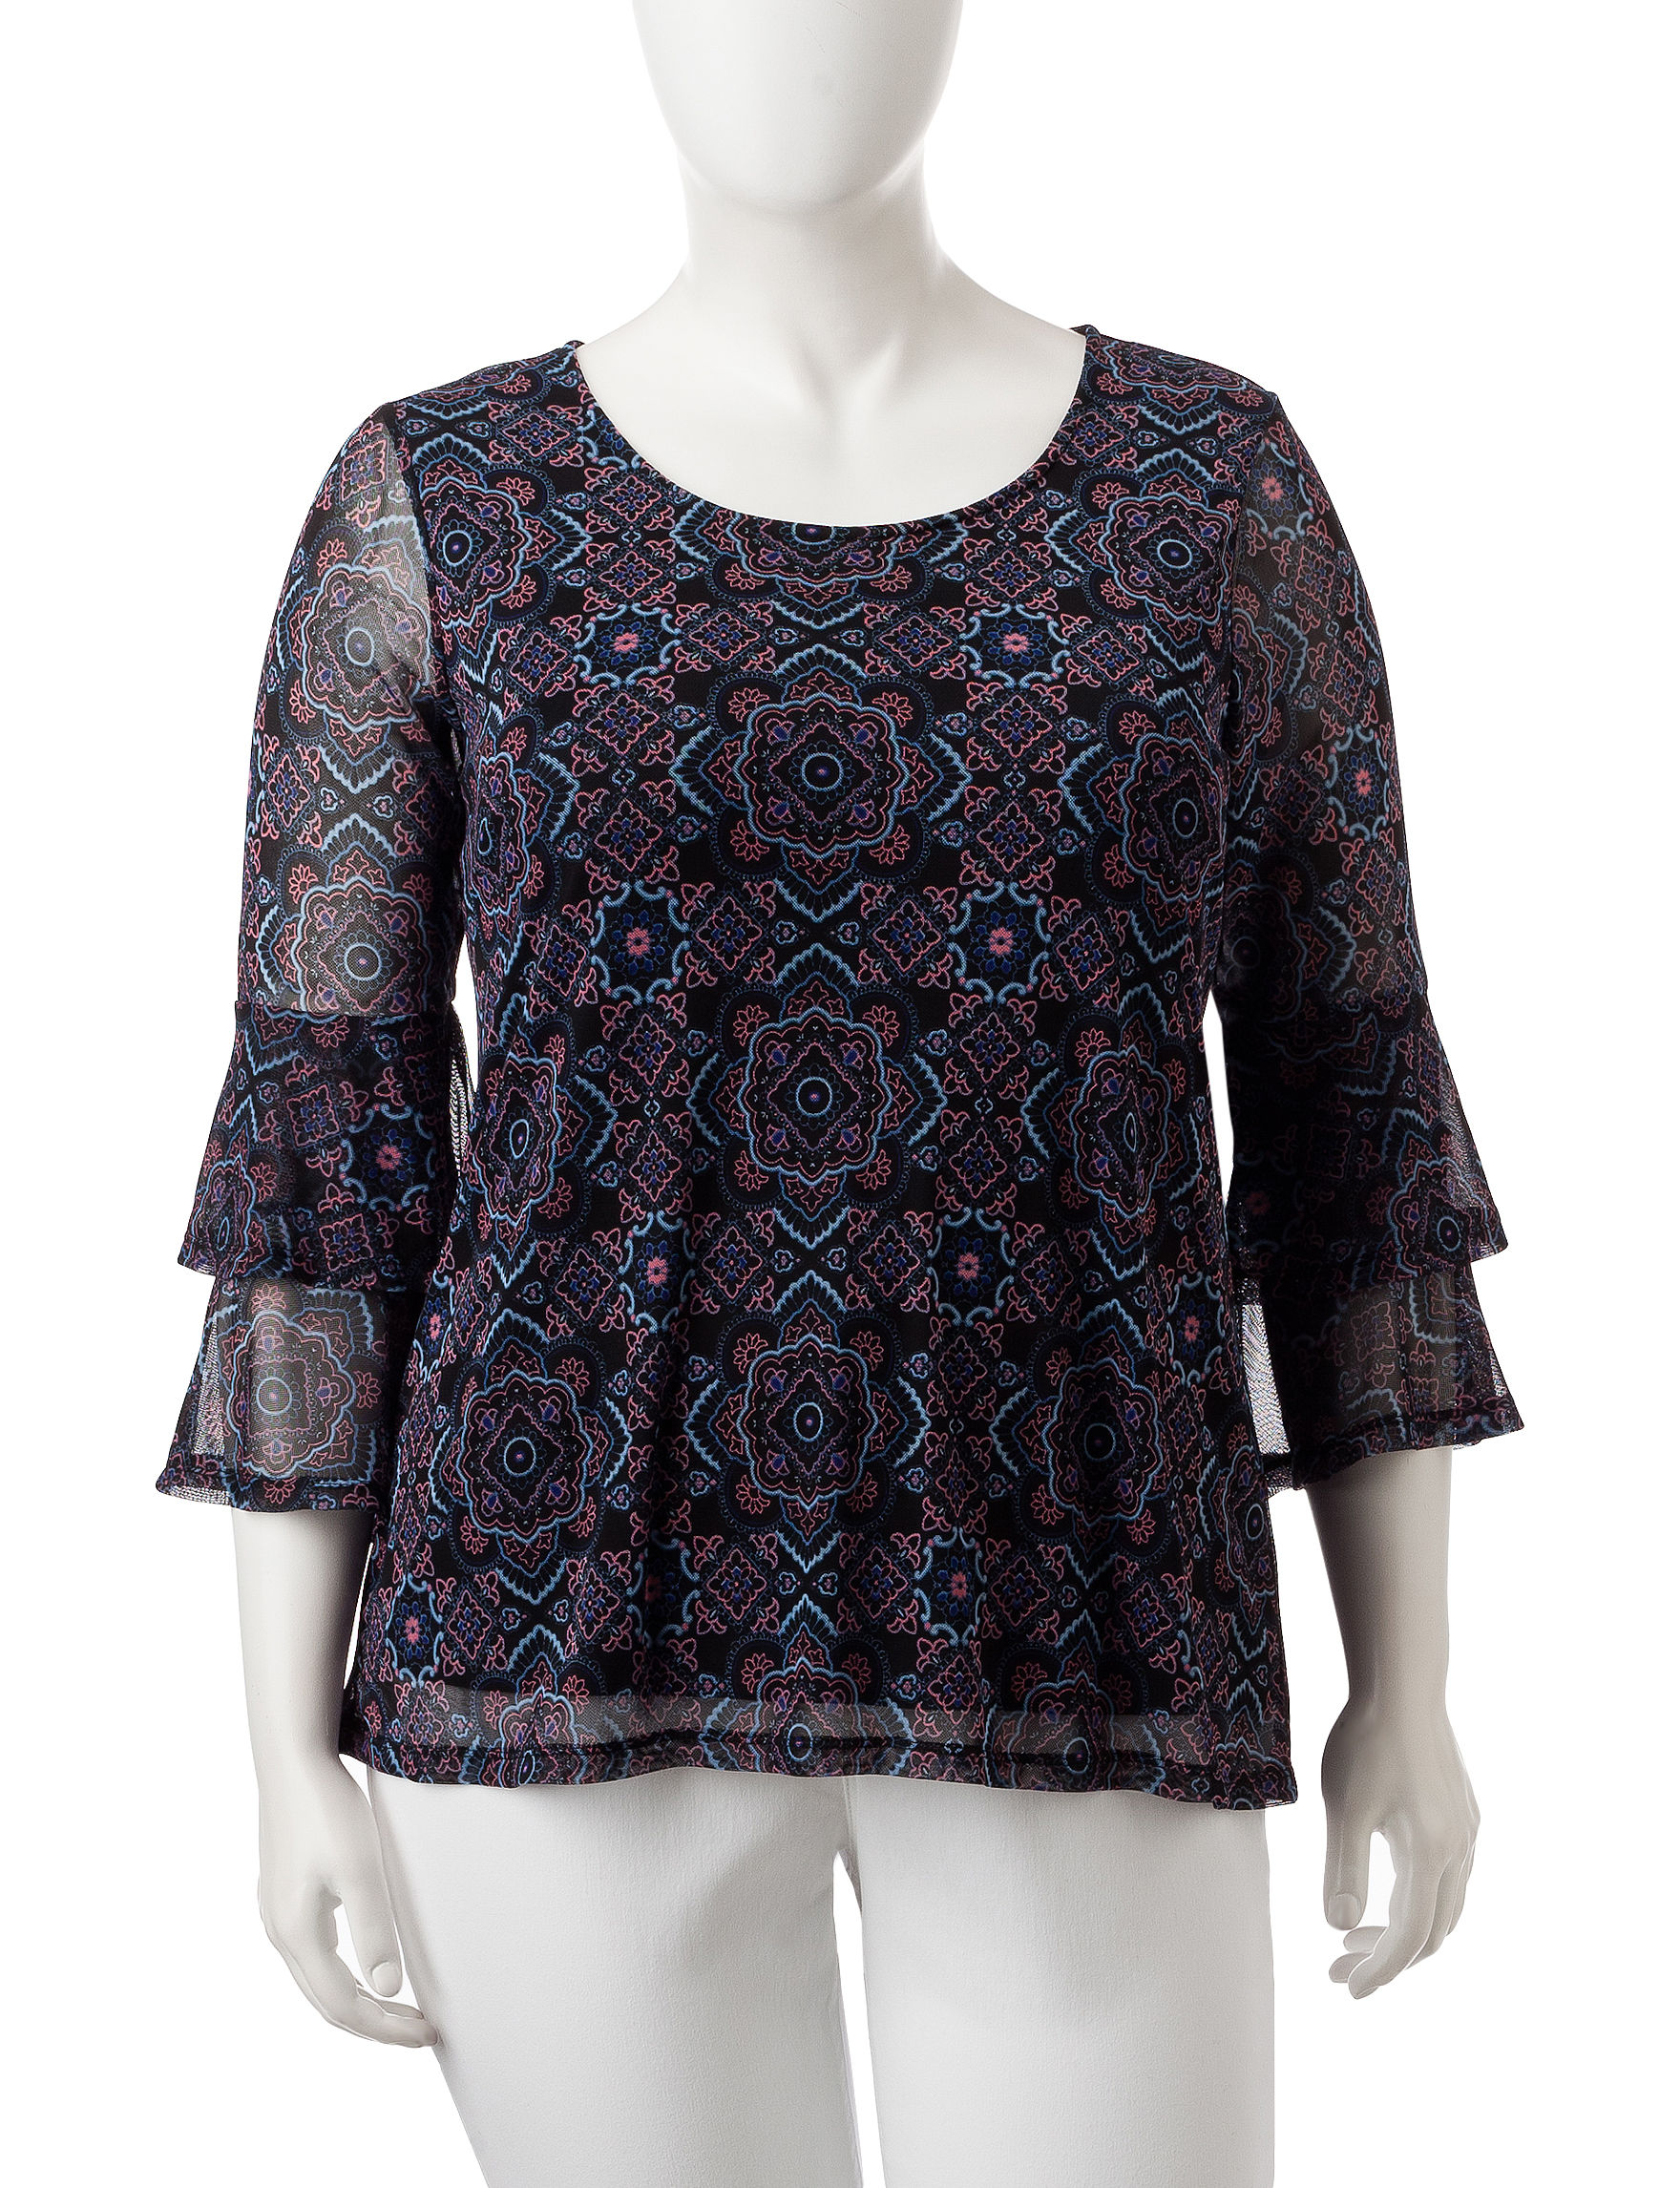 Signature Studio Black Multi Shirts & Blouses